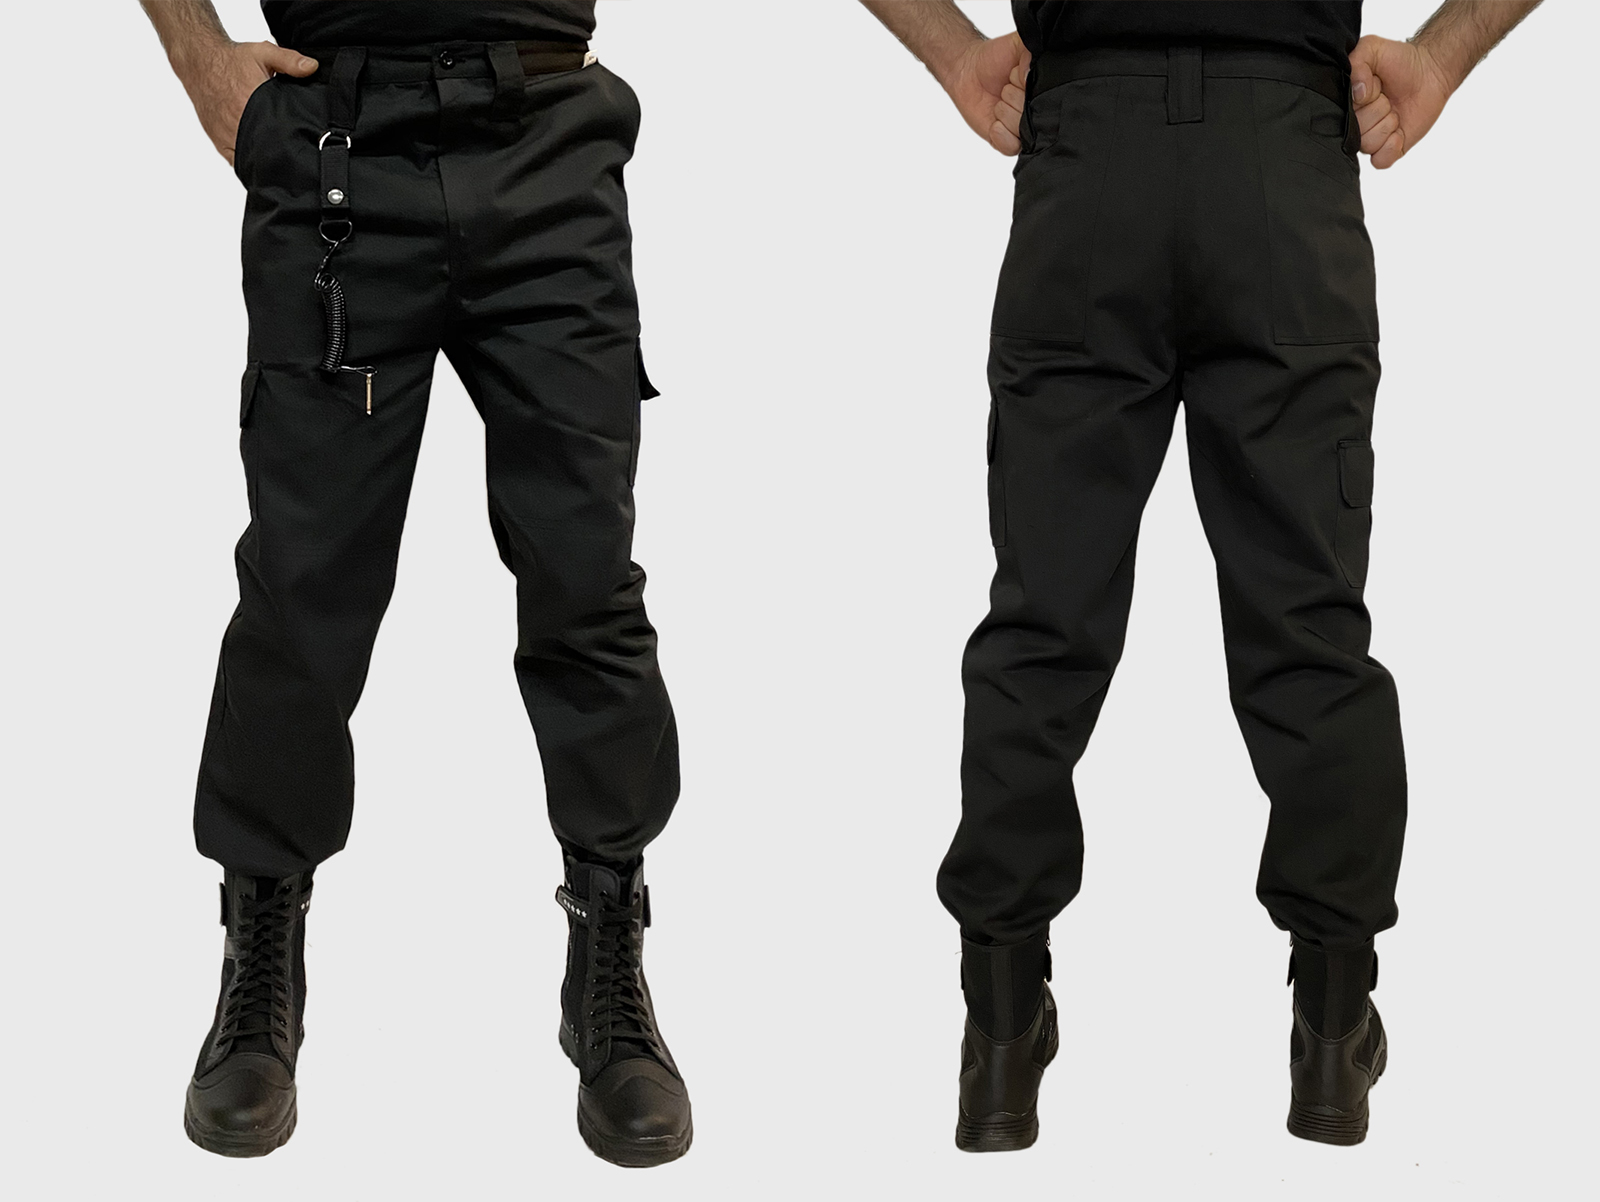 Купить в Москве мужские черные тактические брюки